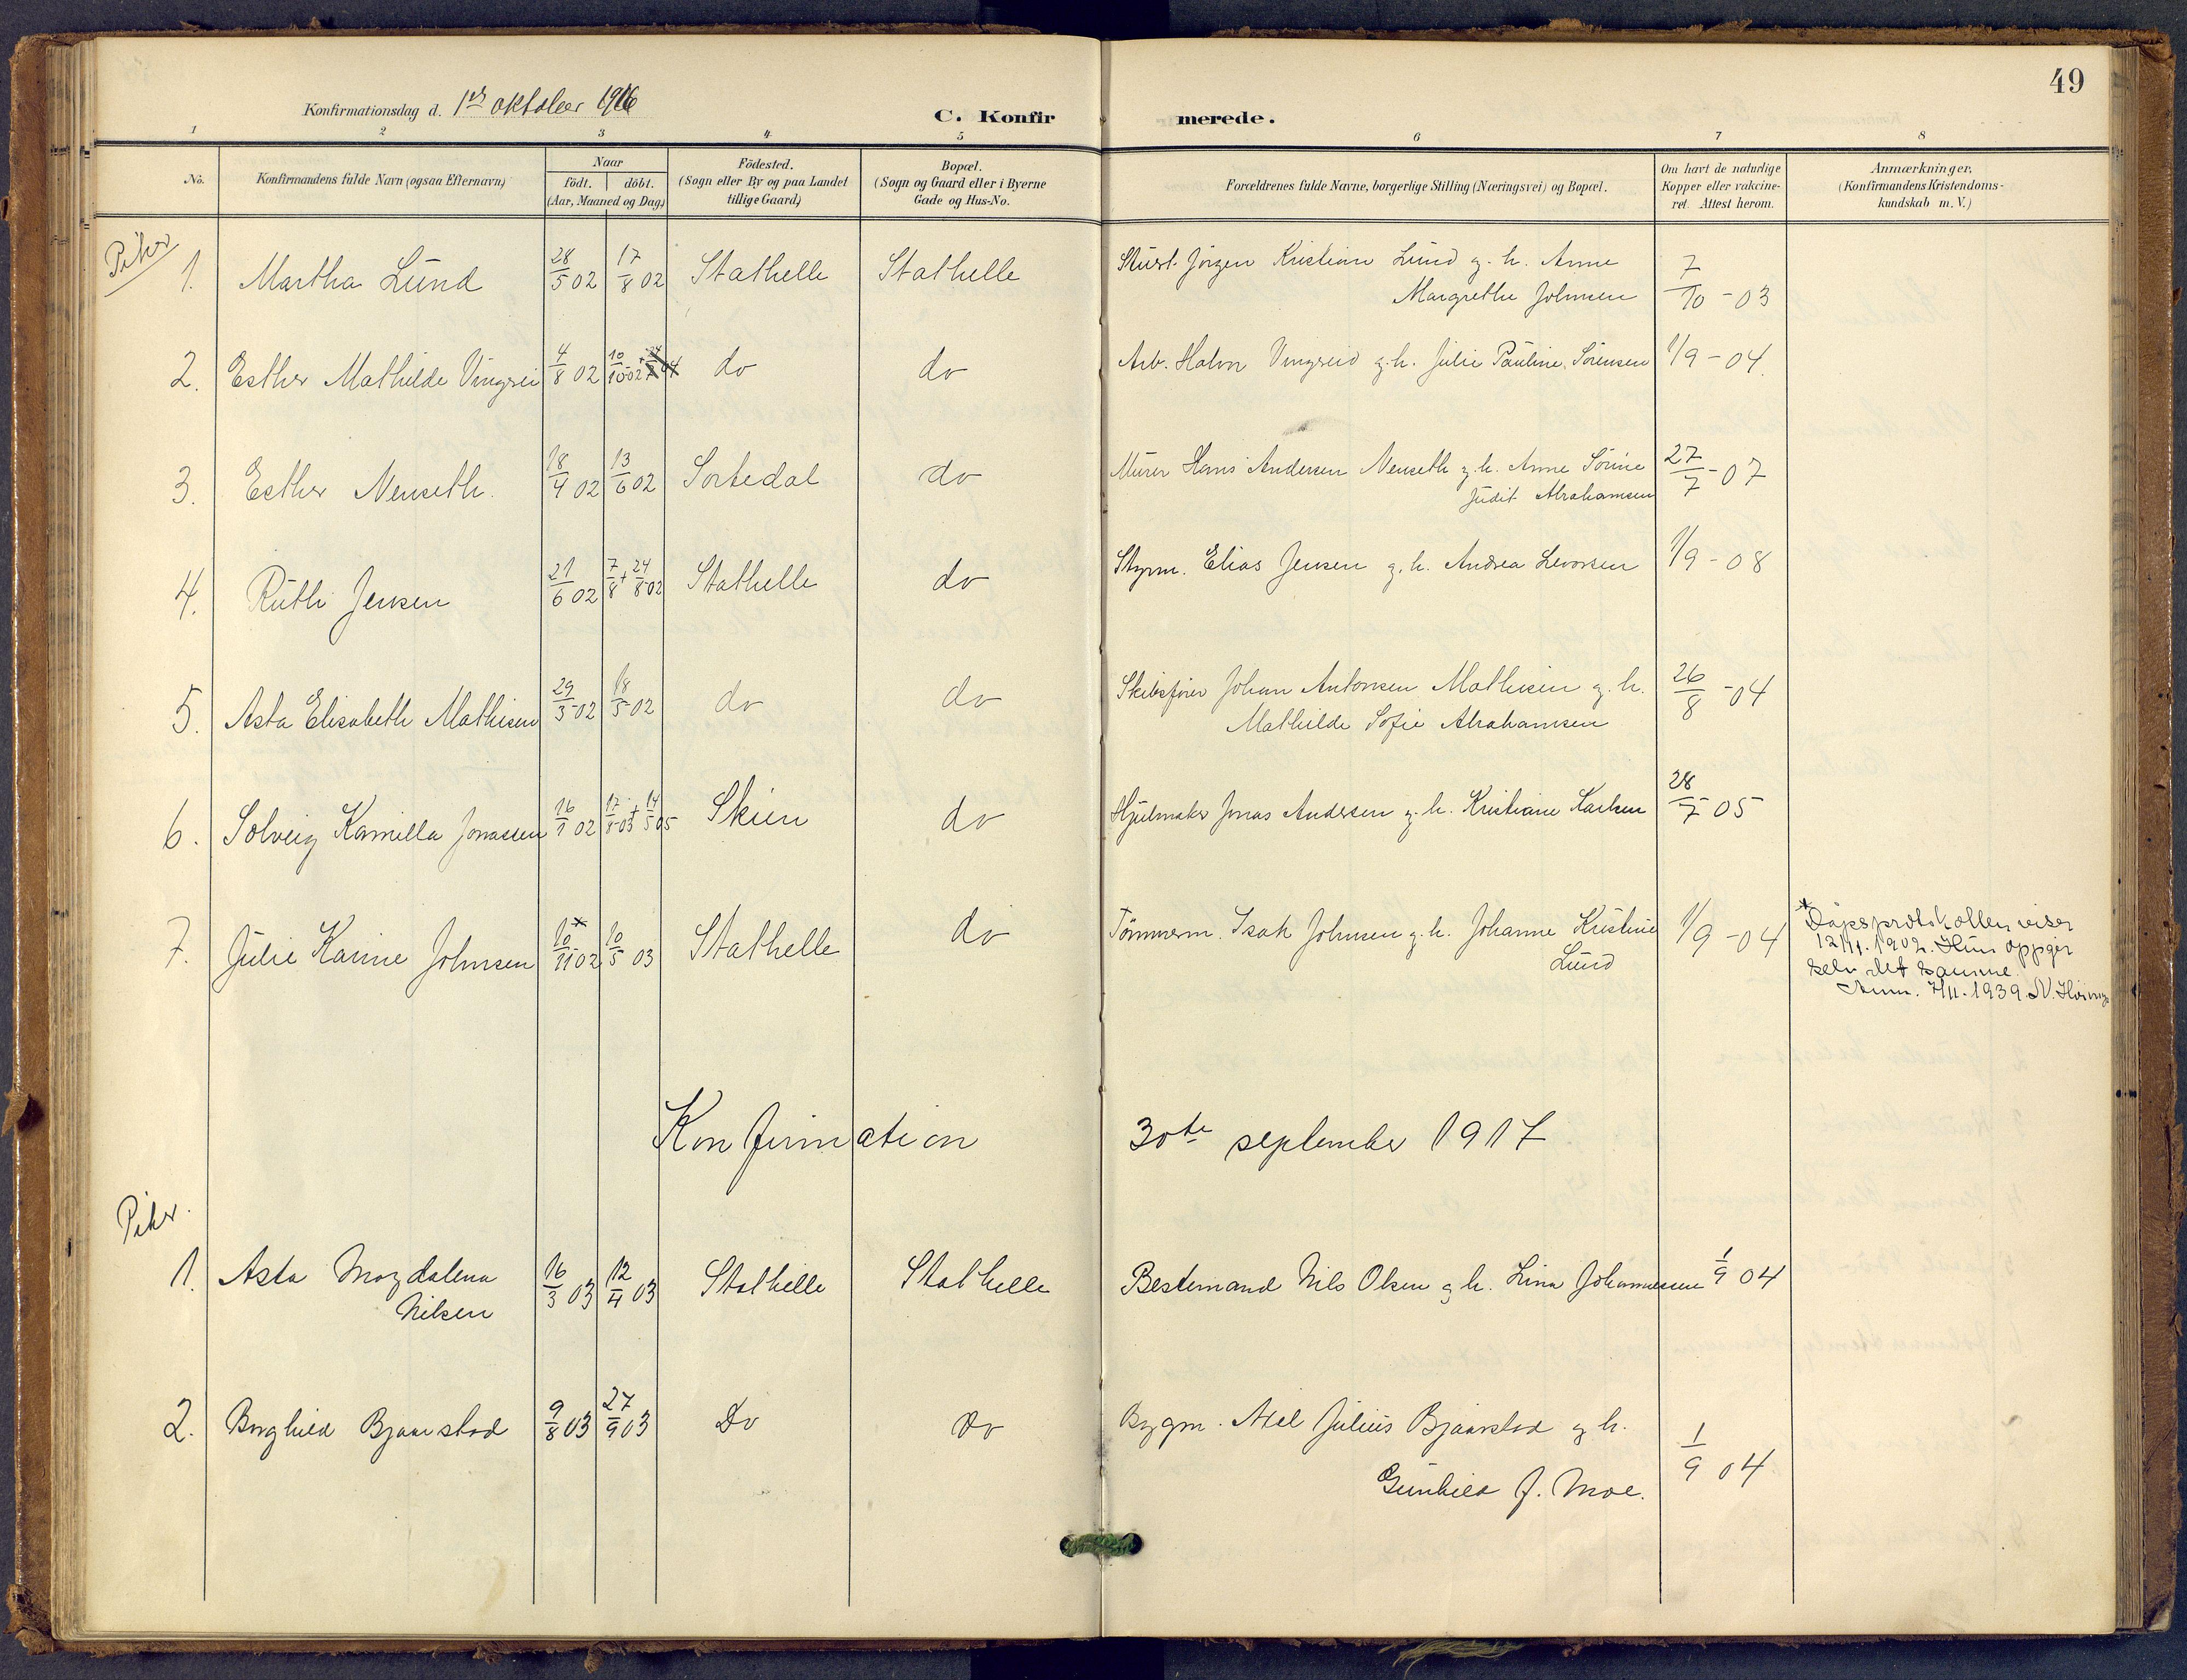 SAKO, Bamble kirkebøker, F/Fb/L0002: Ministerialbok nr. II 2, 1900-1921, s. 49